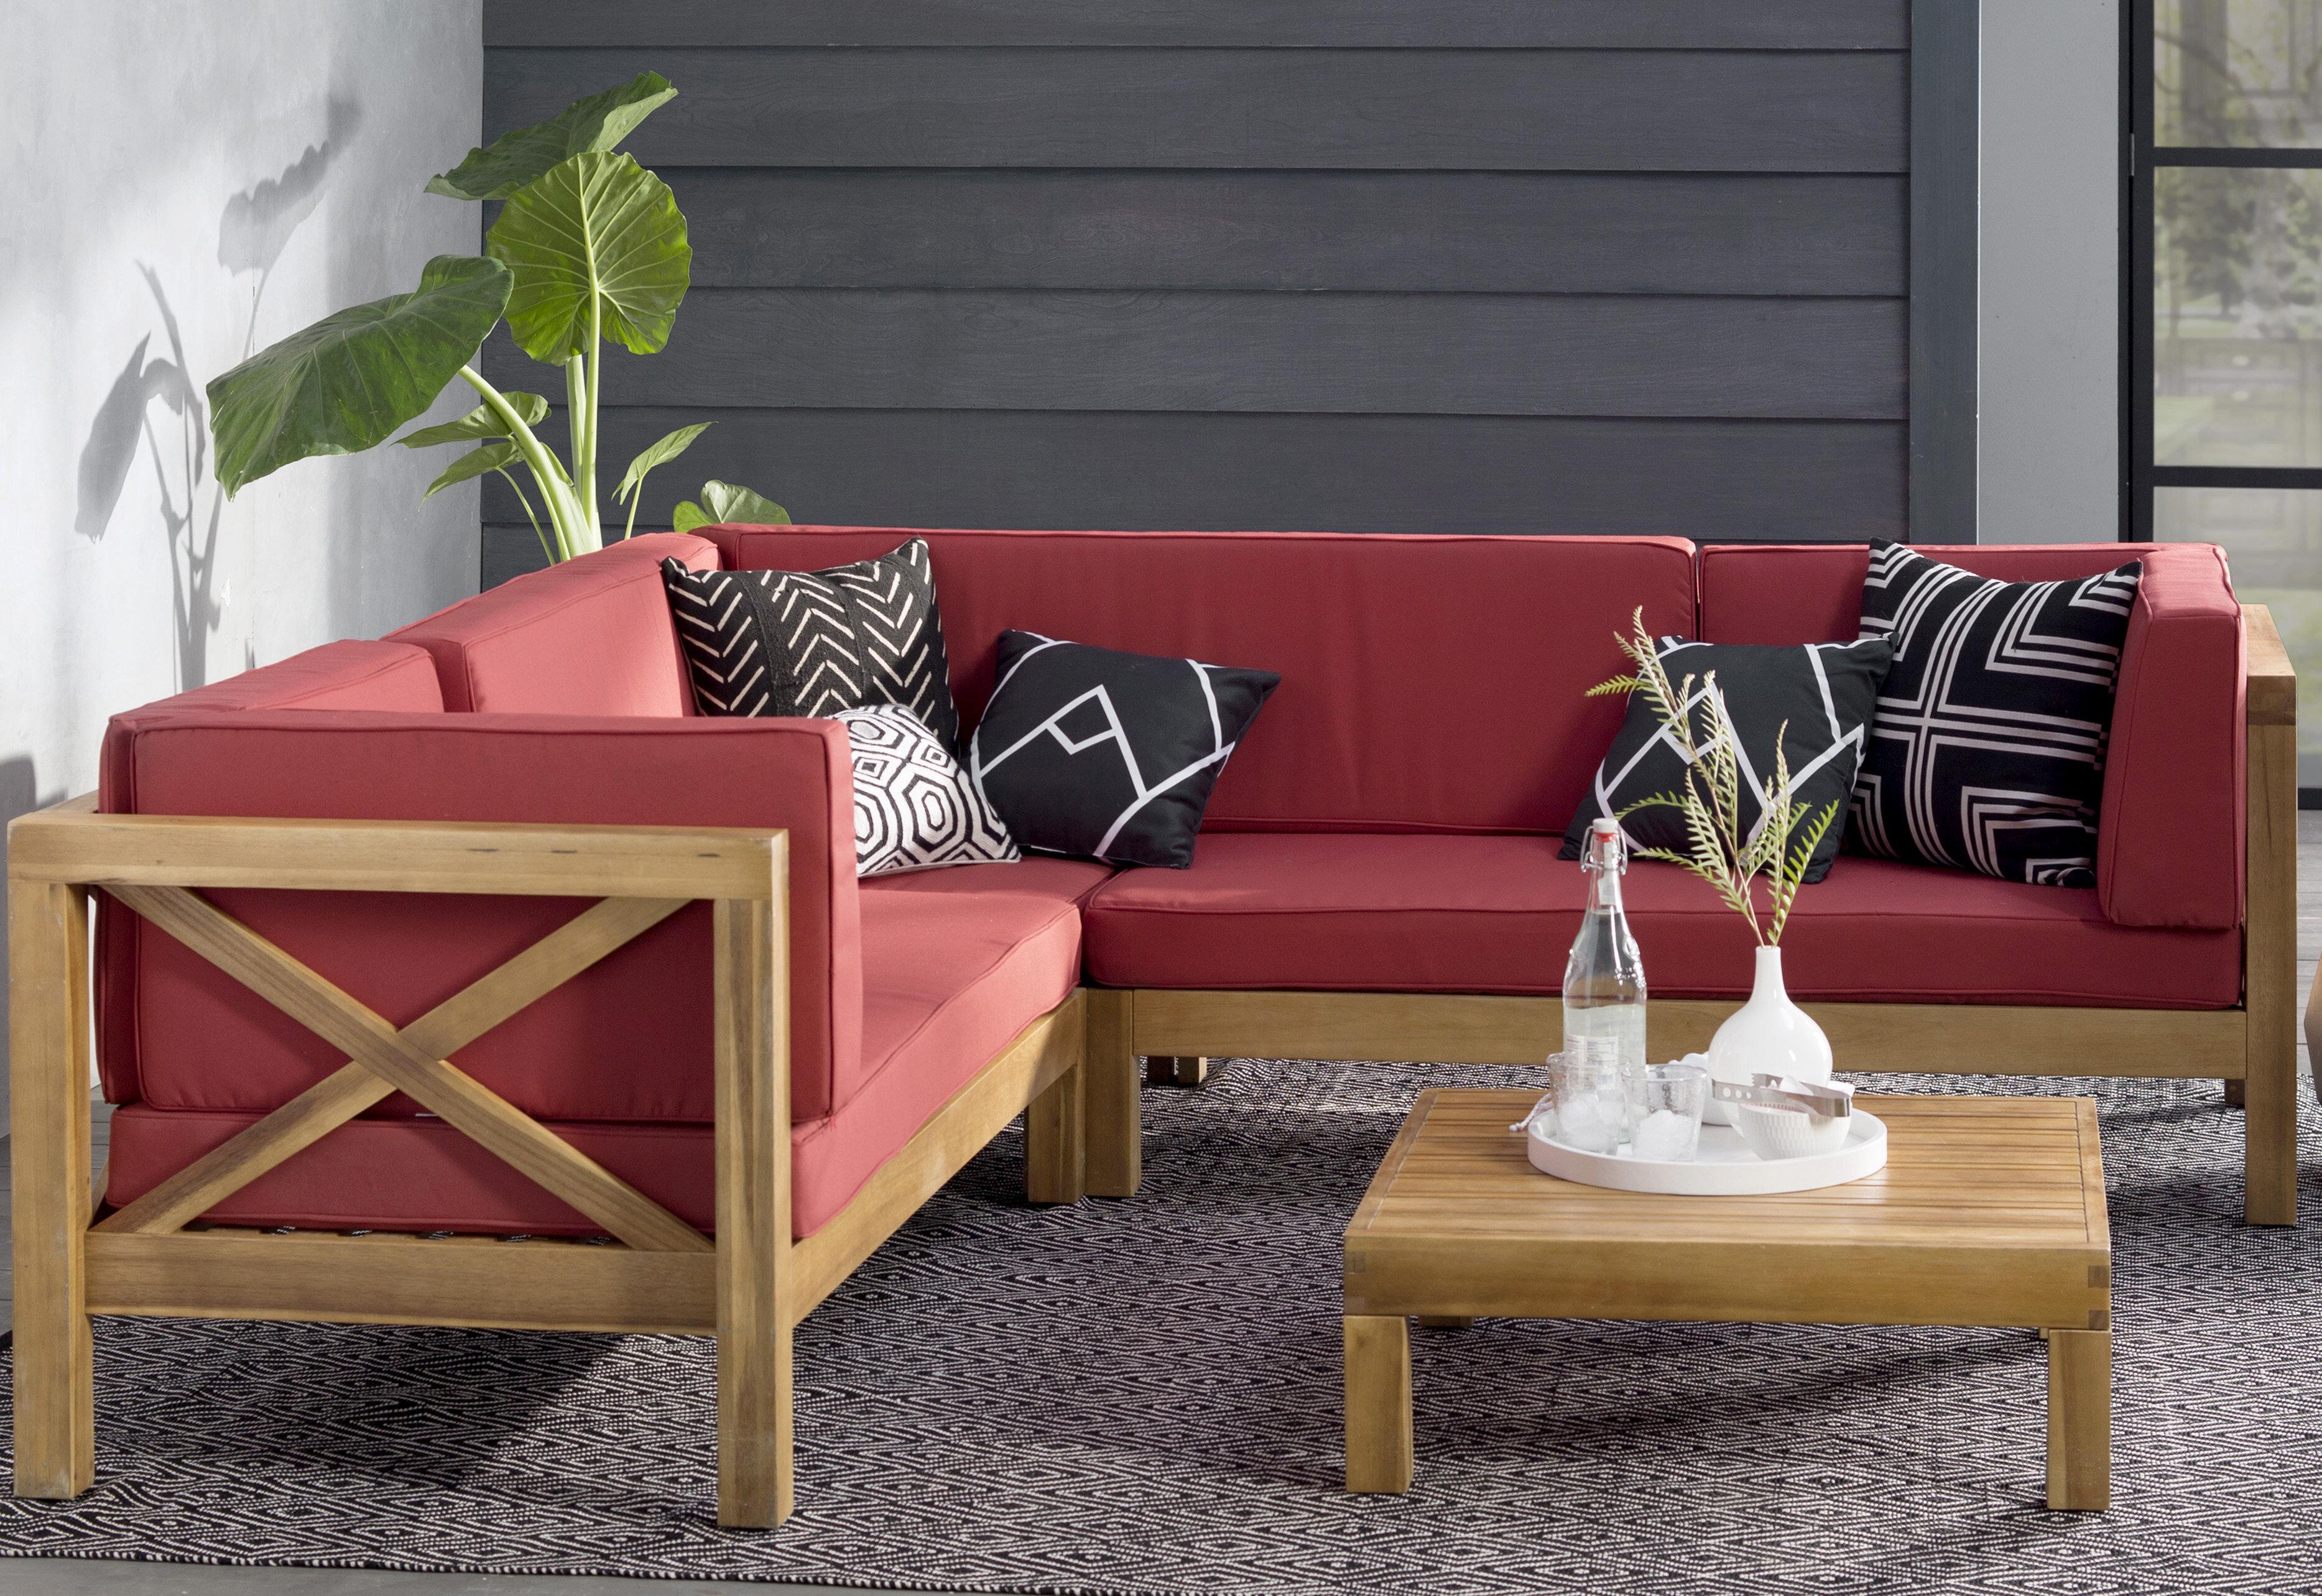 Lark manor lejeune 4 piece sectional seating sofa set with cushions reviews wayfair